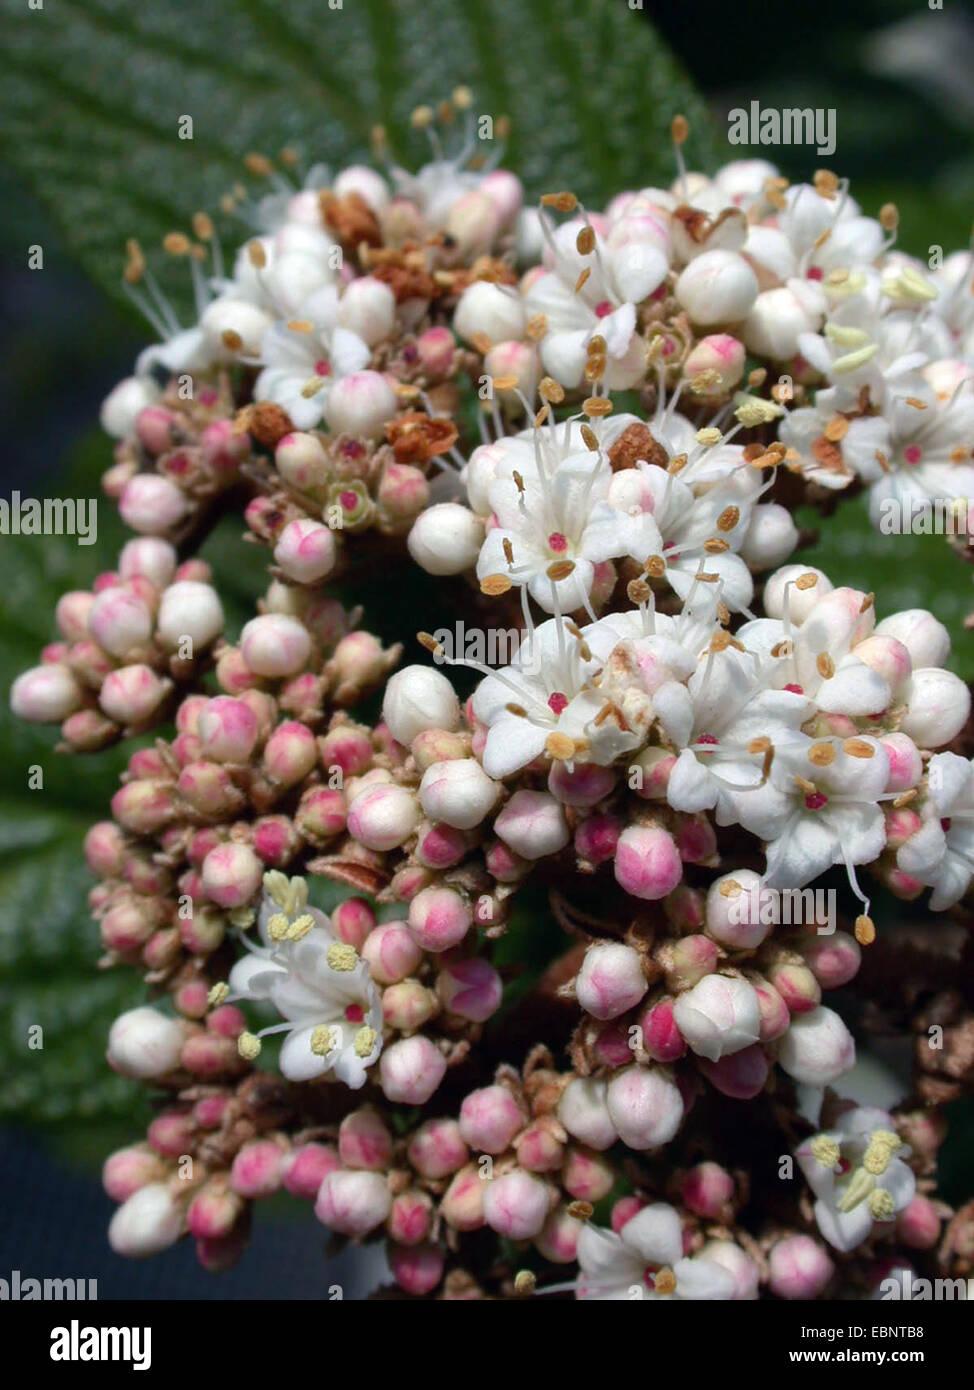 leatherleaf viburnum (Viburnum rhytidophyllum), flowers - Stock Image